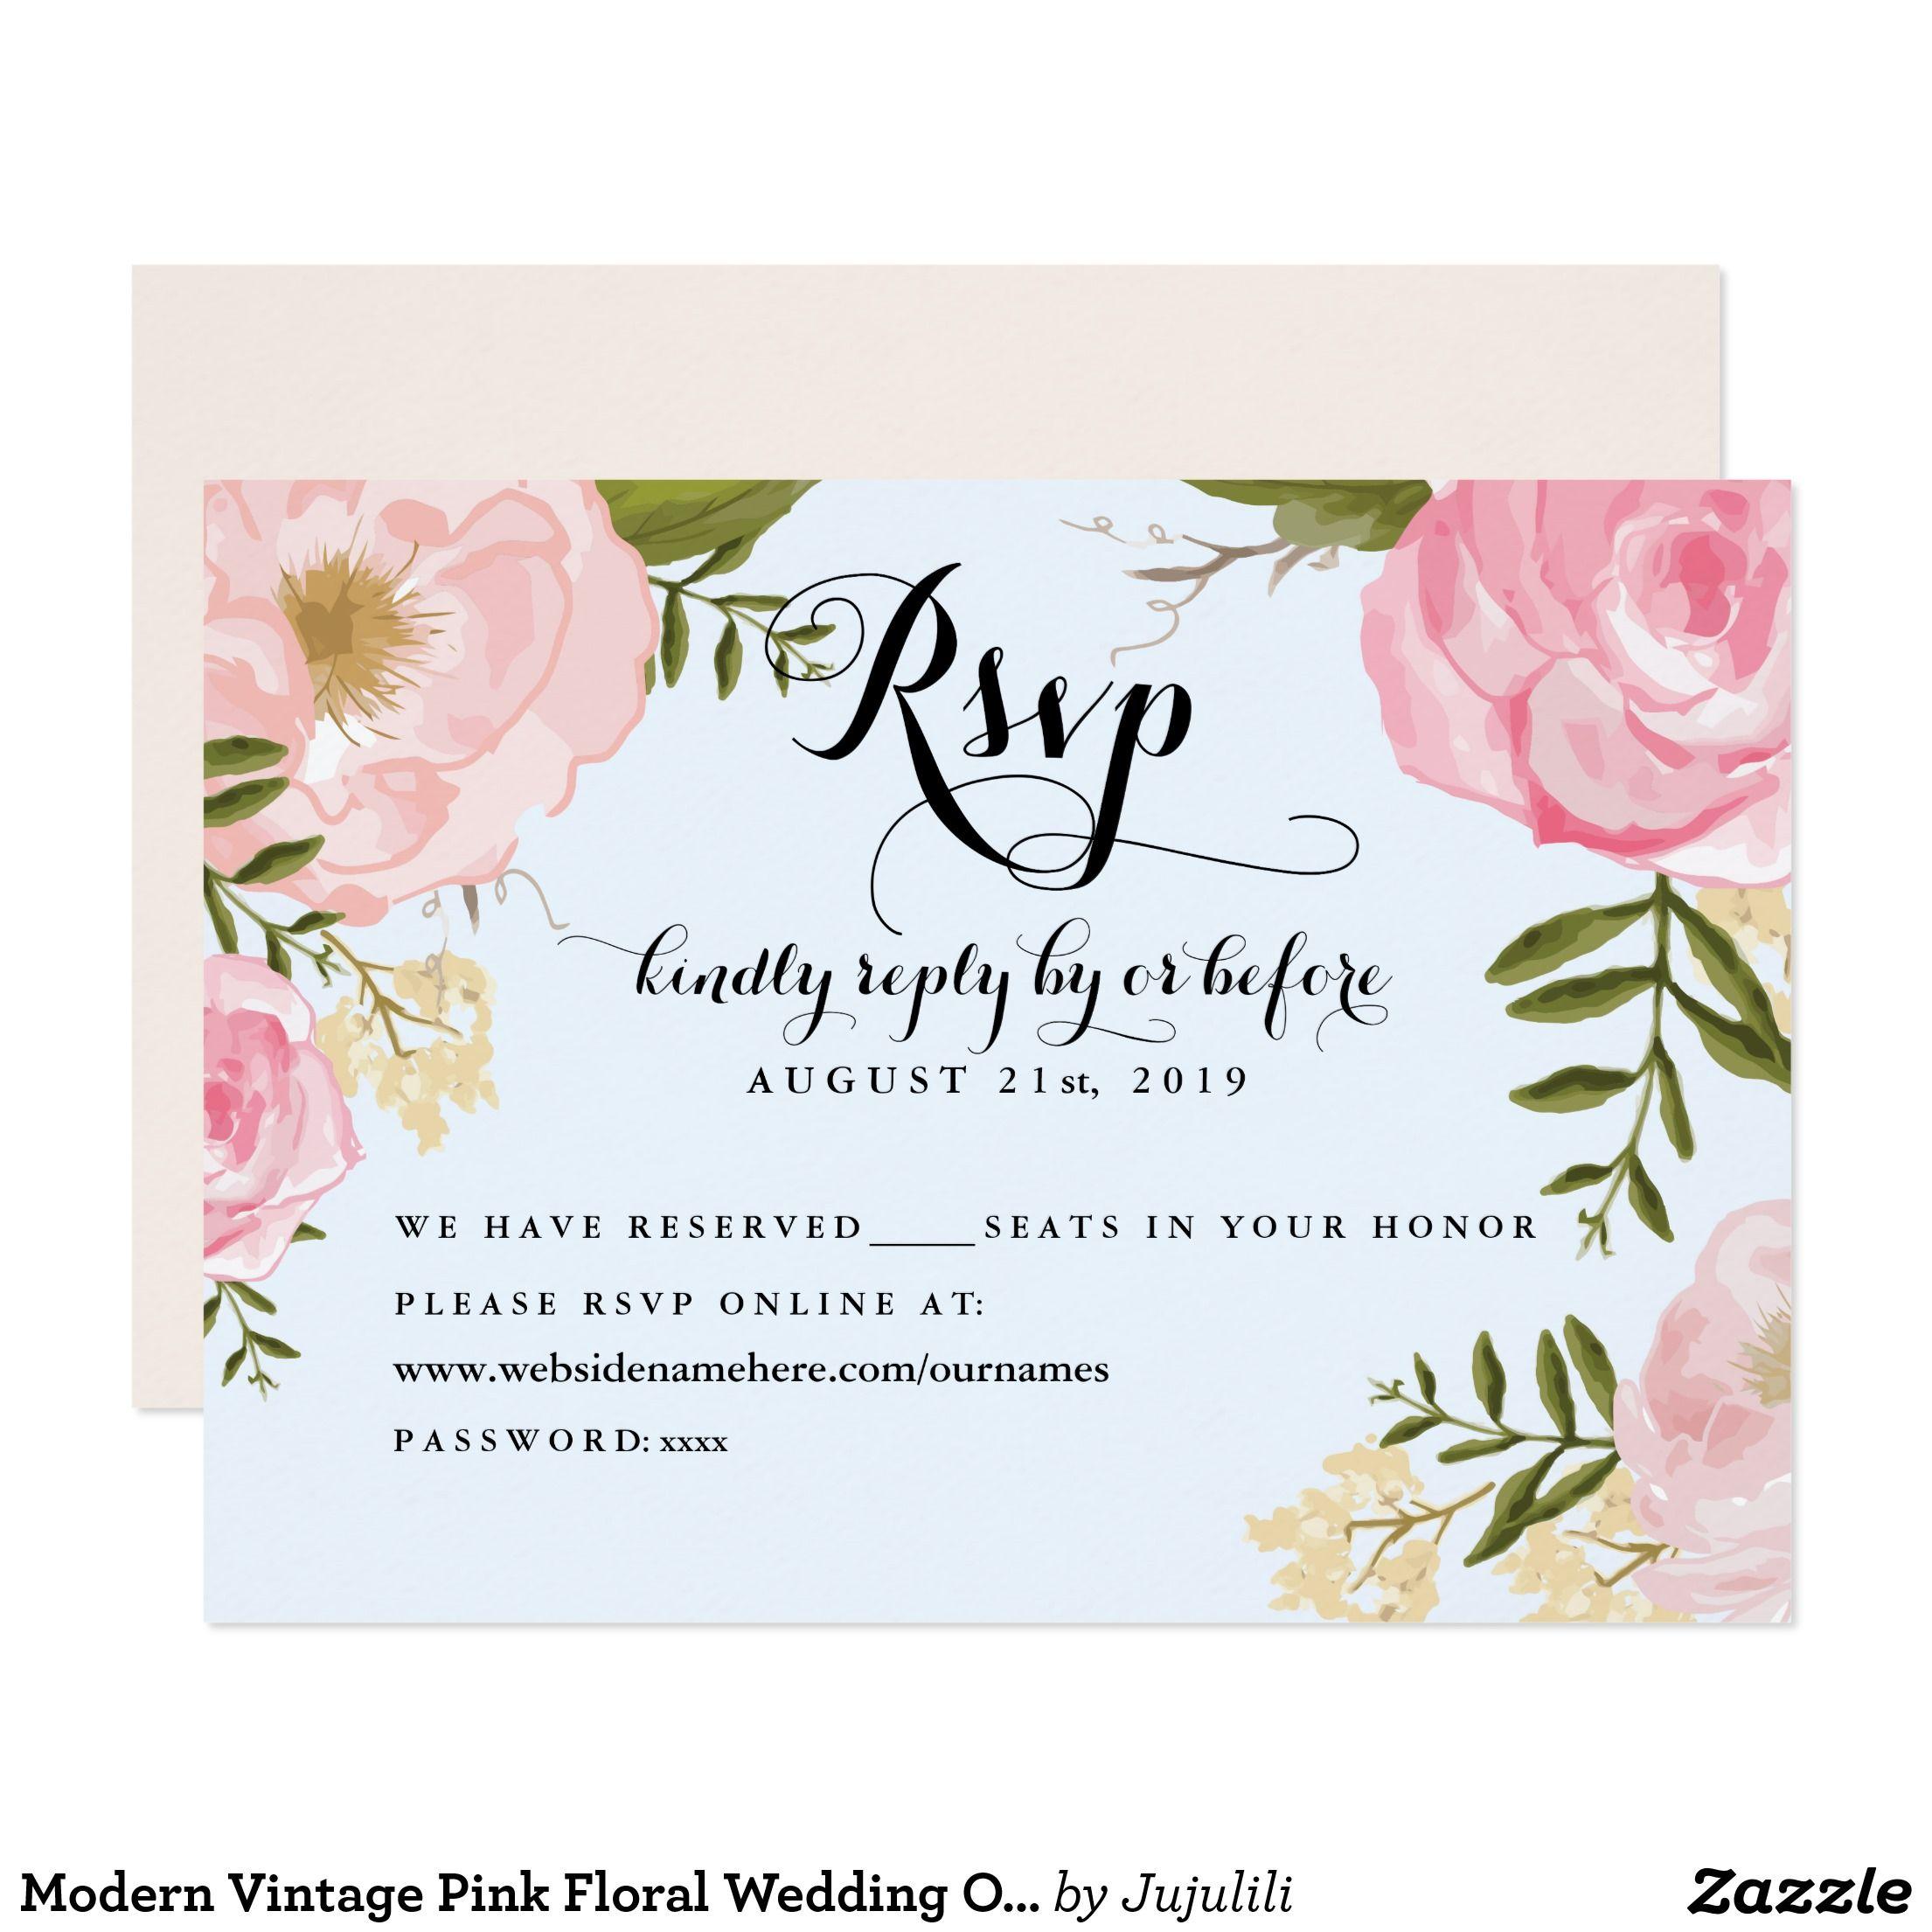 Modern Vintage Pink Floral Wedding Online Rsvp Zazzle Com In 2019